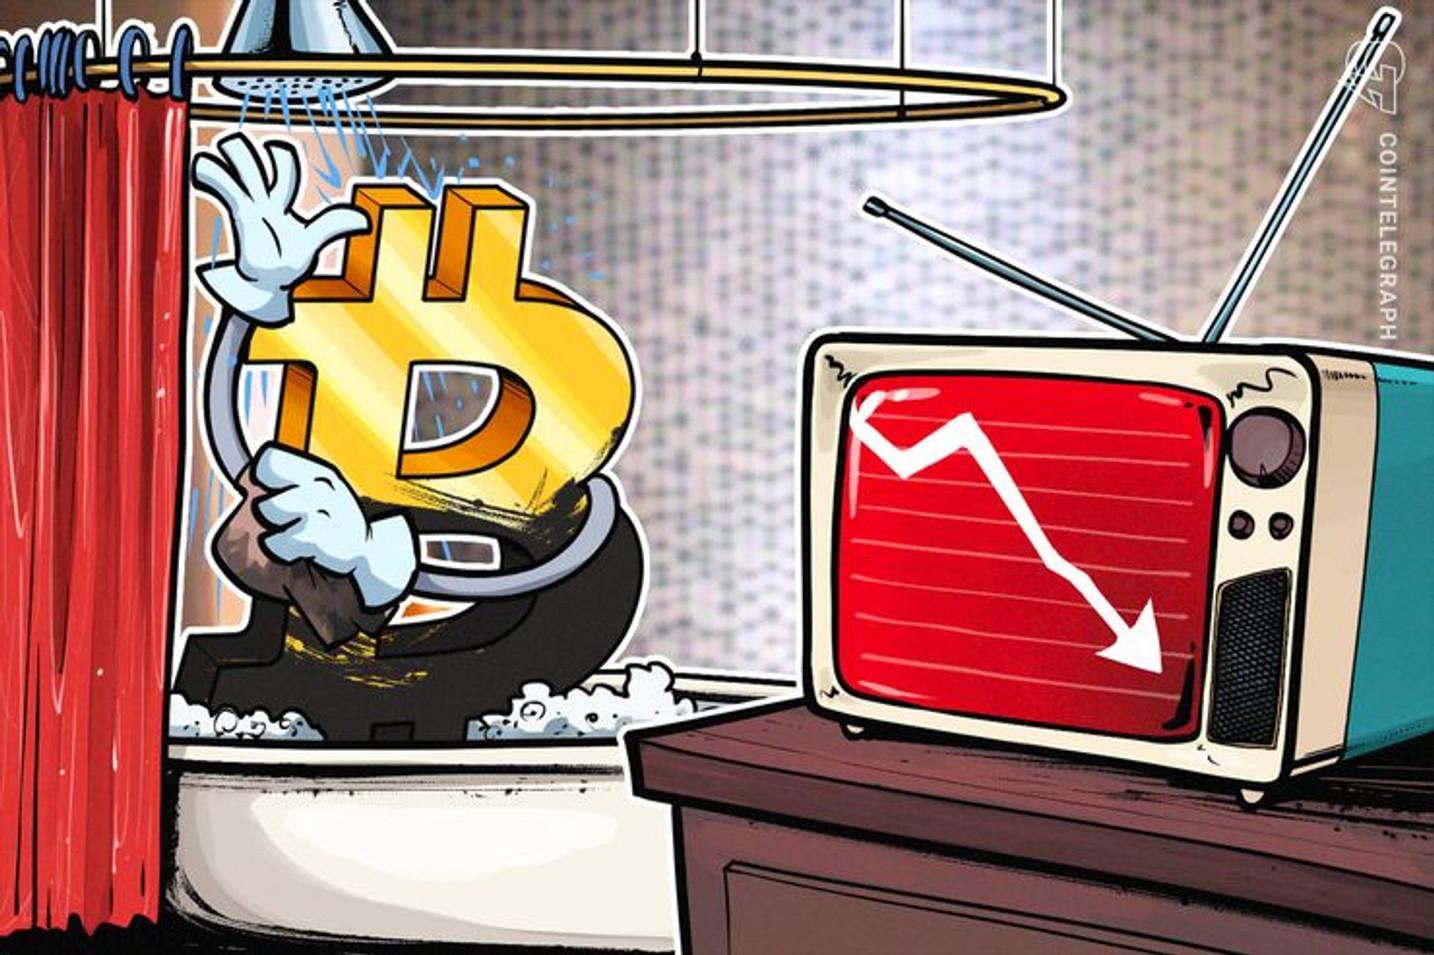 ビットコイン相場は軟調な動き、ZaifのBTC入出金再開は好材料となるか 仮想通貨相場市況(12月14日)